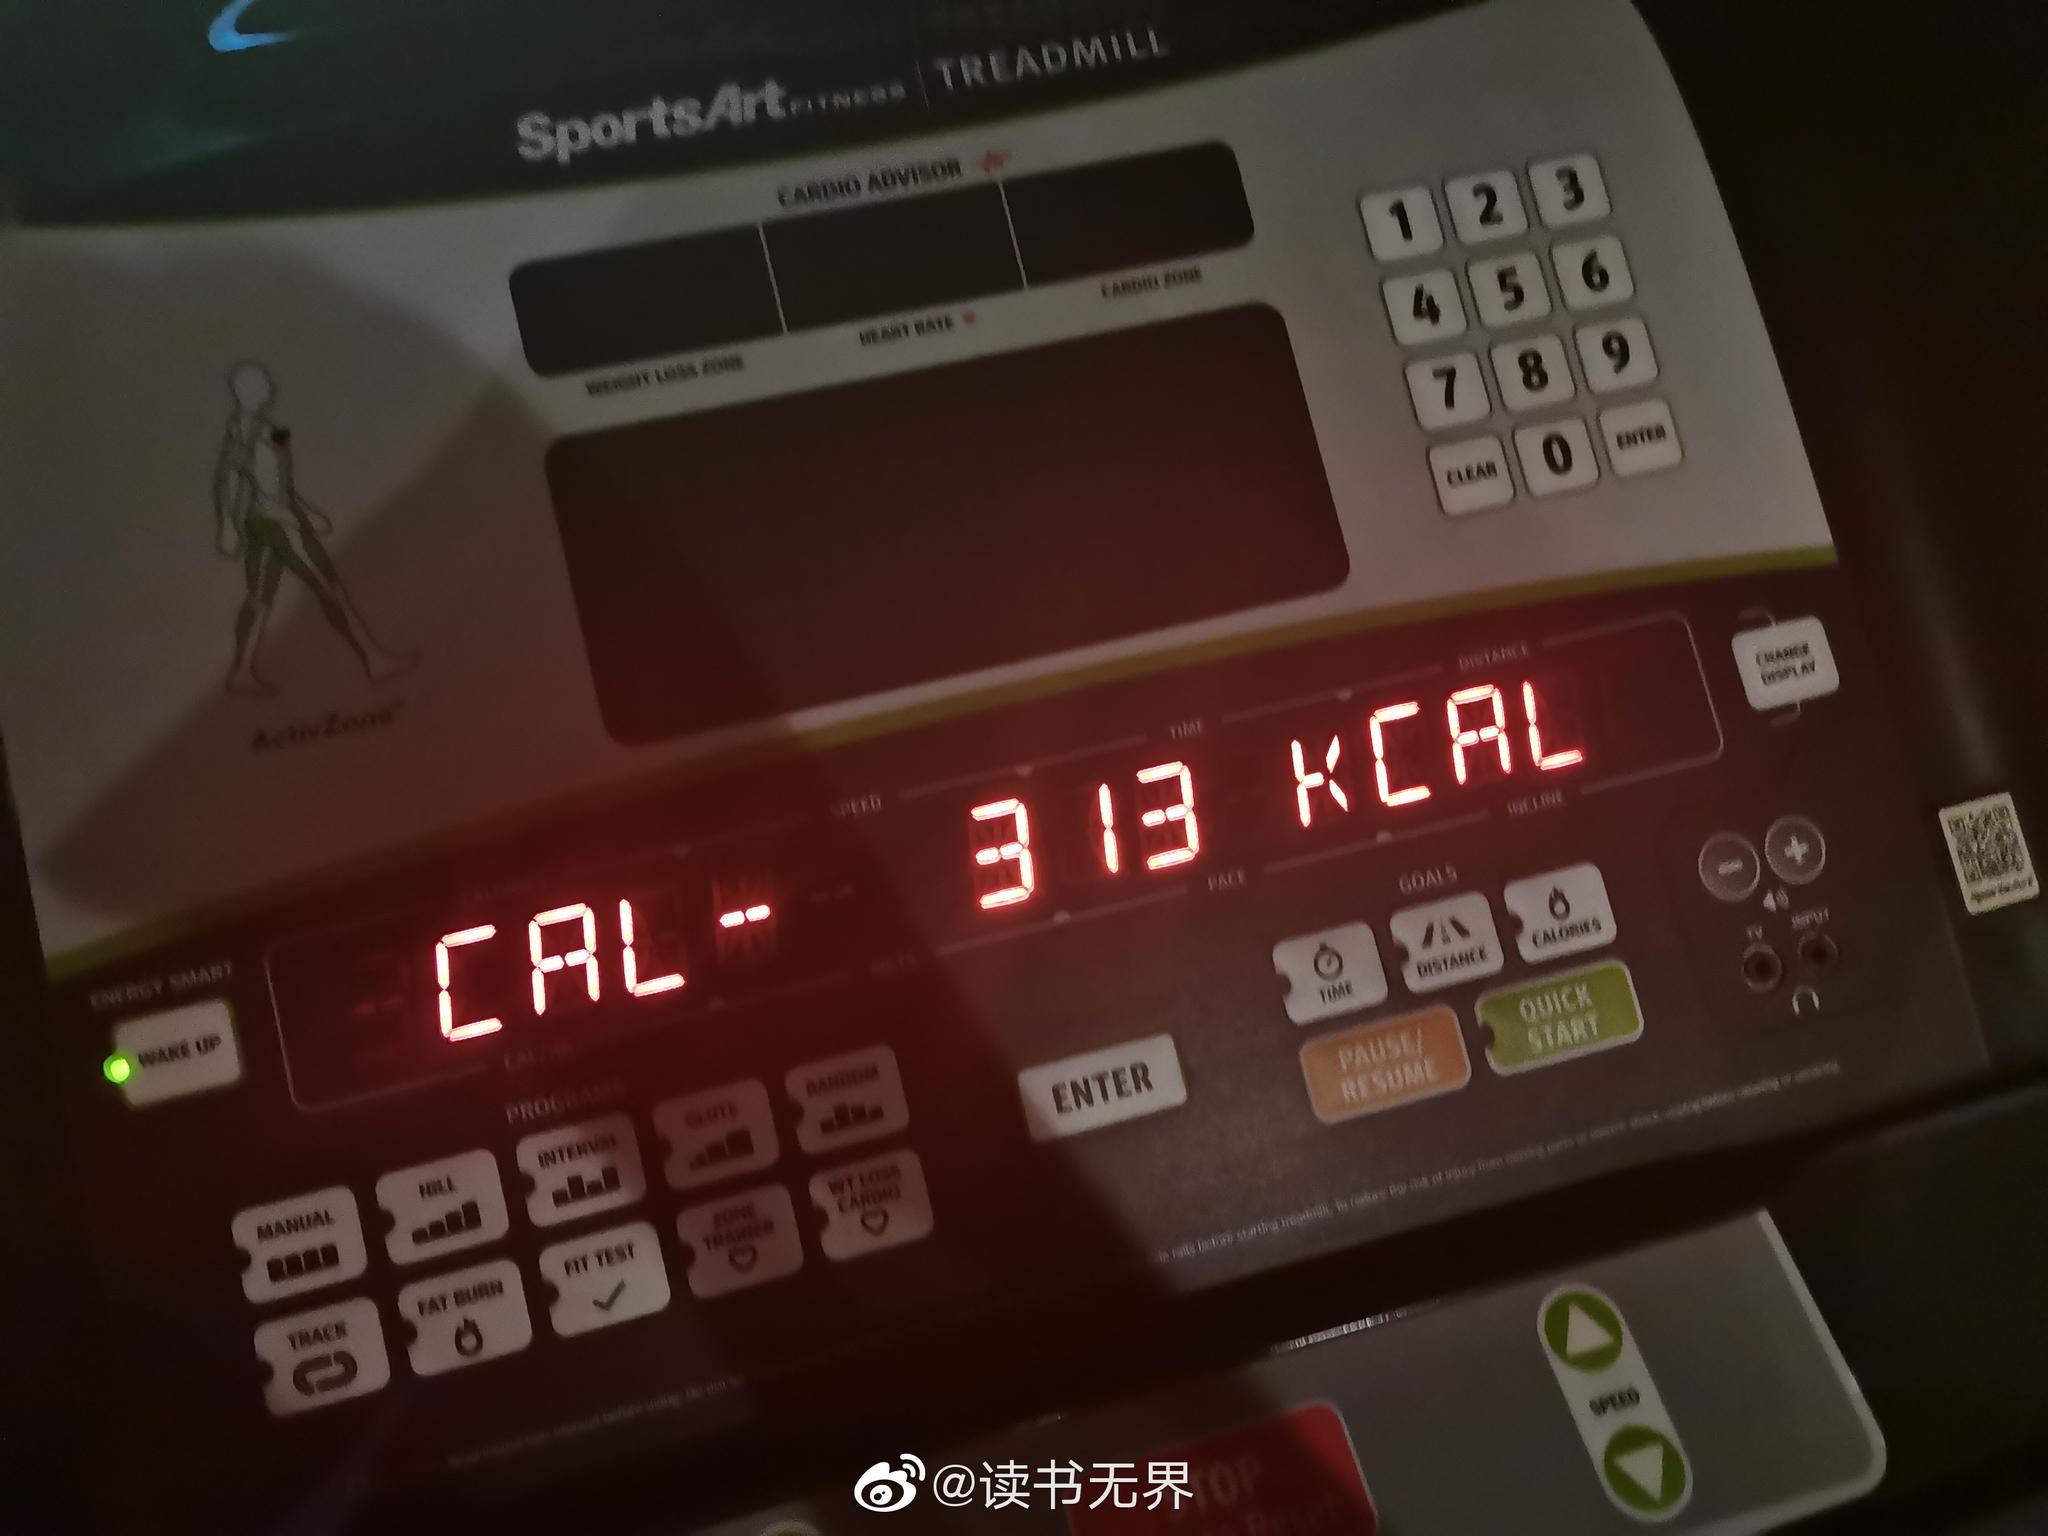 今日份健身打卡,跟跑步机战斗了58分钟,下次争取一个小时。